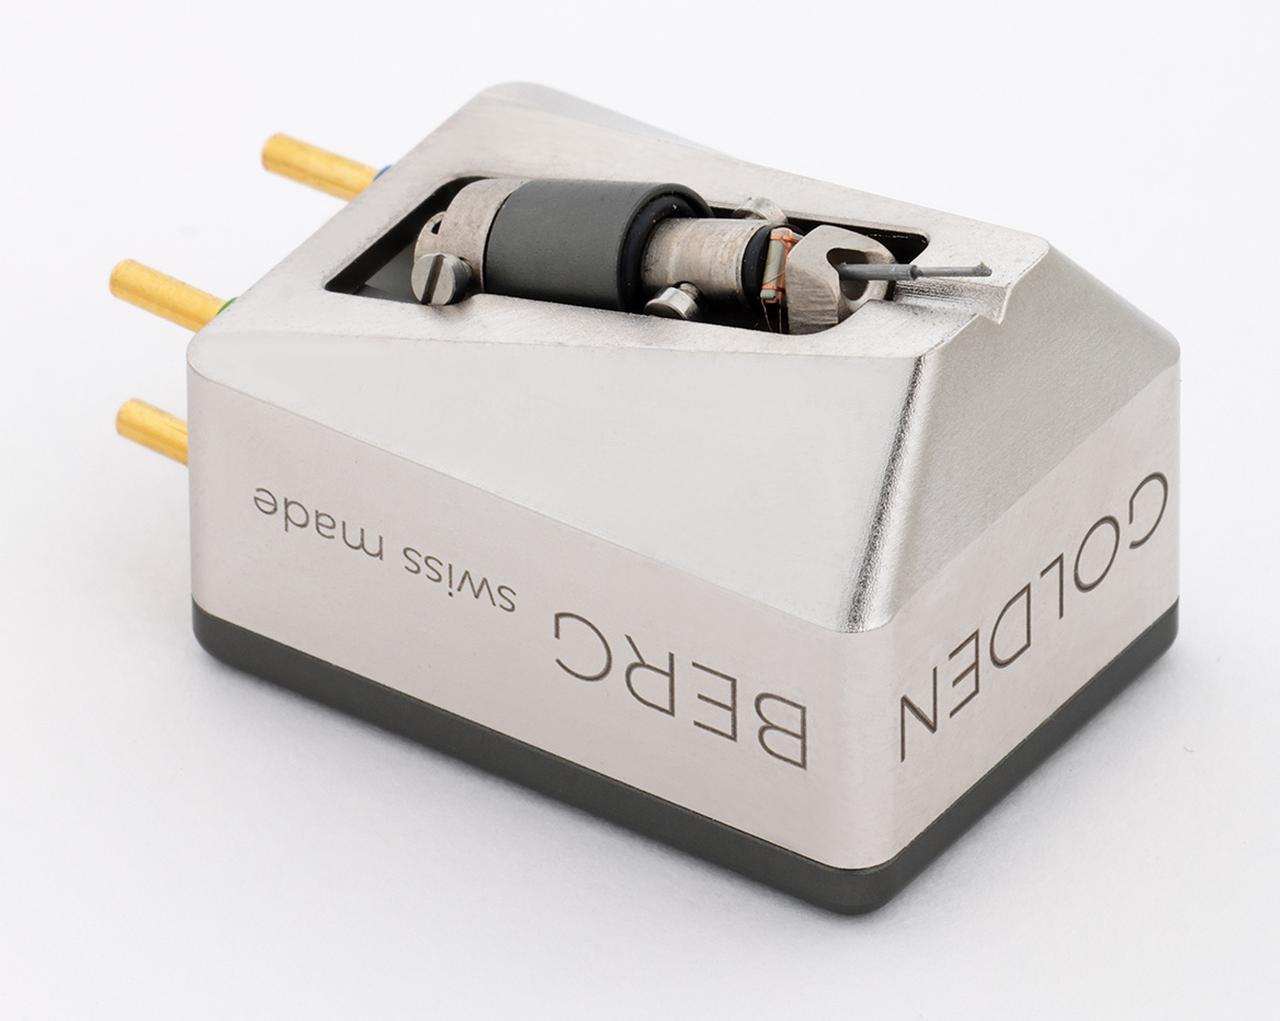 画像: ゴールデンバーグ Brilliant ¥450,000 ●発電方式:MC型 ●出力電圧:0.4mV(1kHz、5cm /sec) ●インピーダンス:6Ω ●推奨負荷インピーダンス:100Ω〜300Ω ●適正針圧:2.3g〜2.5g ●自重:13.0g ●針交換価格:¥225,000 ●備考:針交換はトランスデューサー/ダンパーの交換とアライメント調整(スイス本国で作業) 問合せ先:(株)ユキム